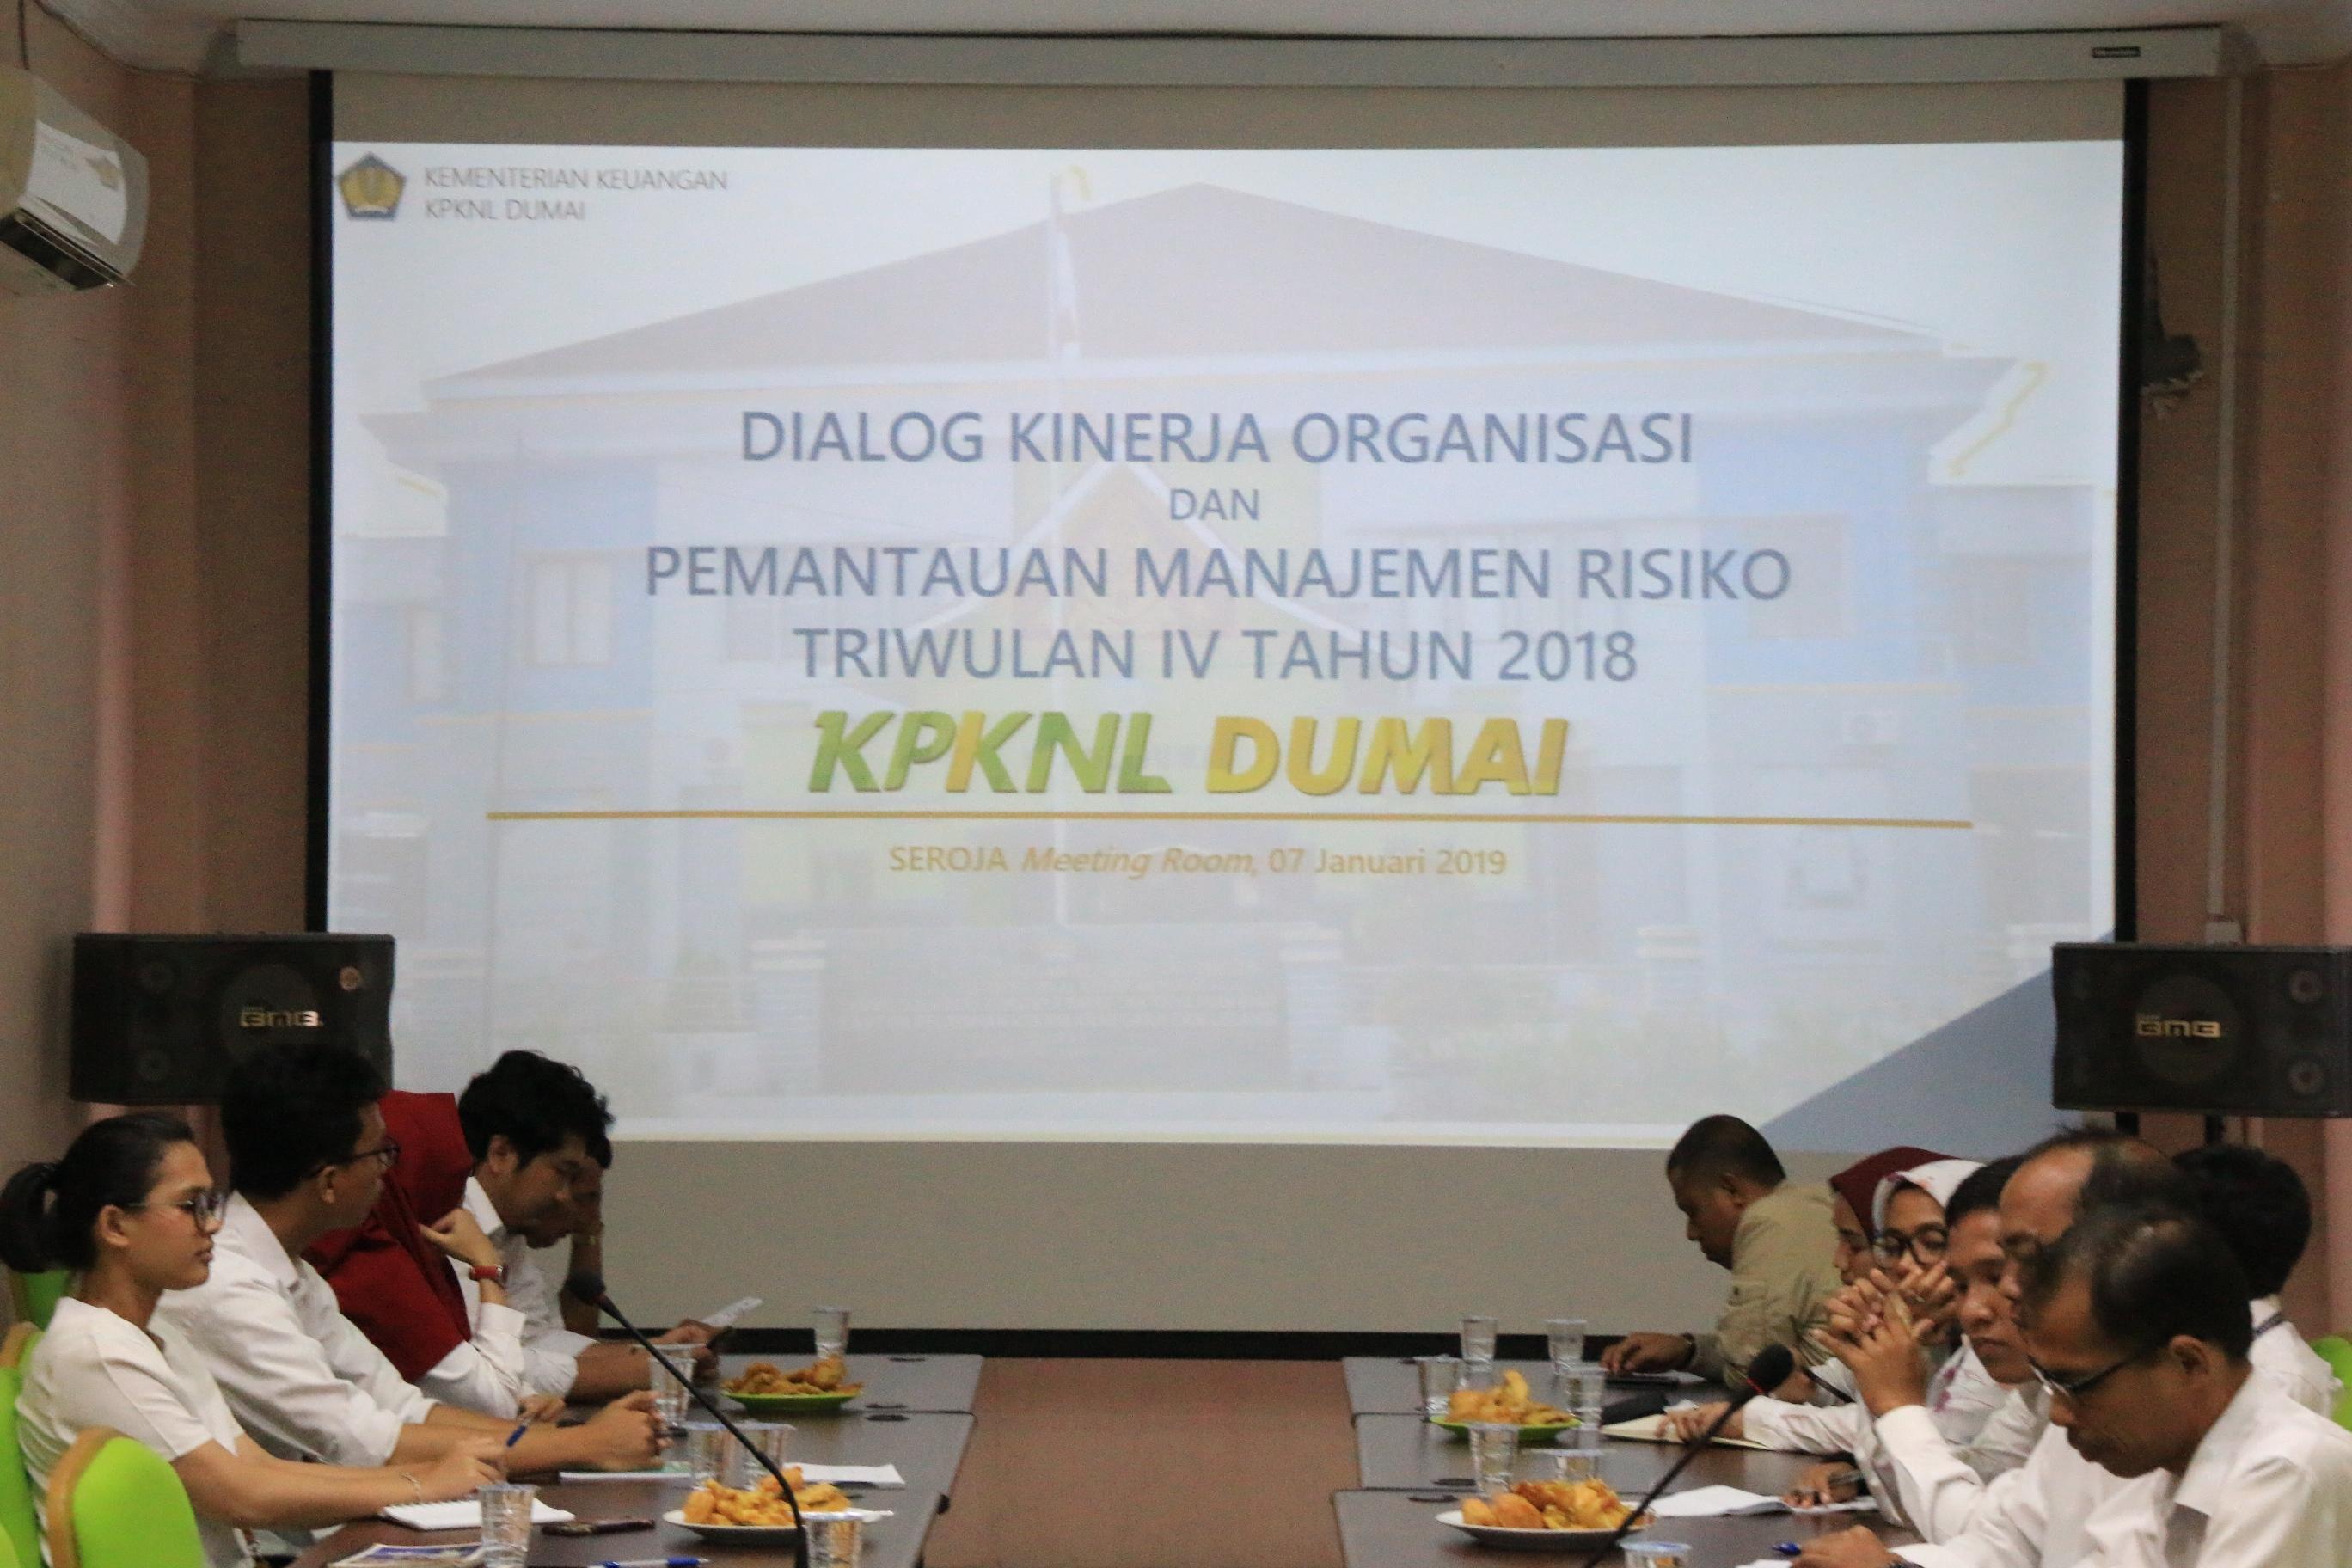 KPKNL Dumai Gelar DKO Triwulan IV Tahun 2018